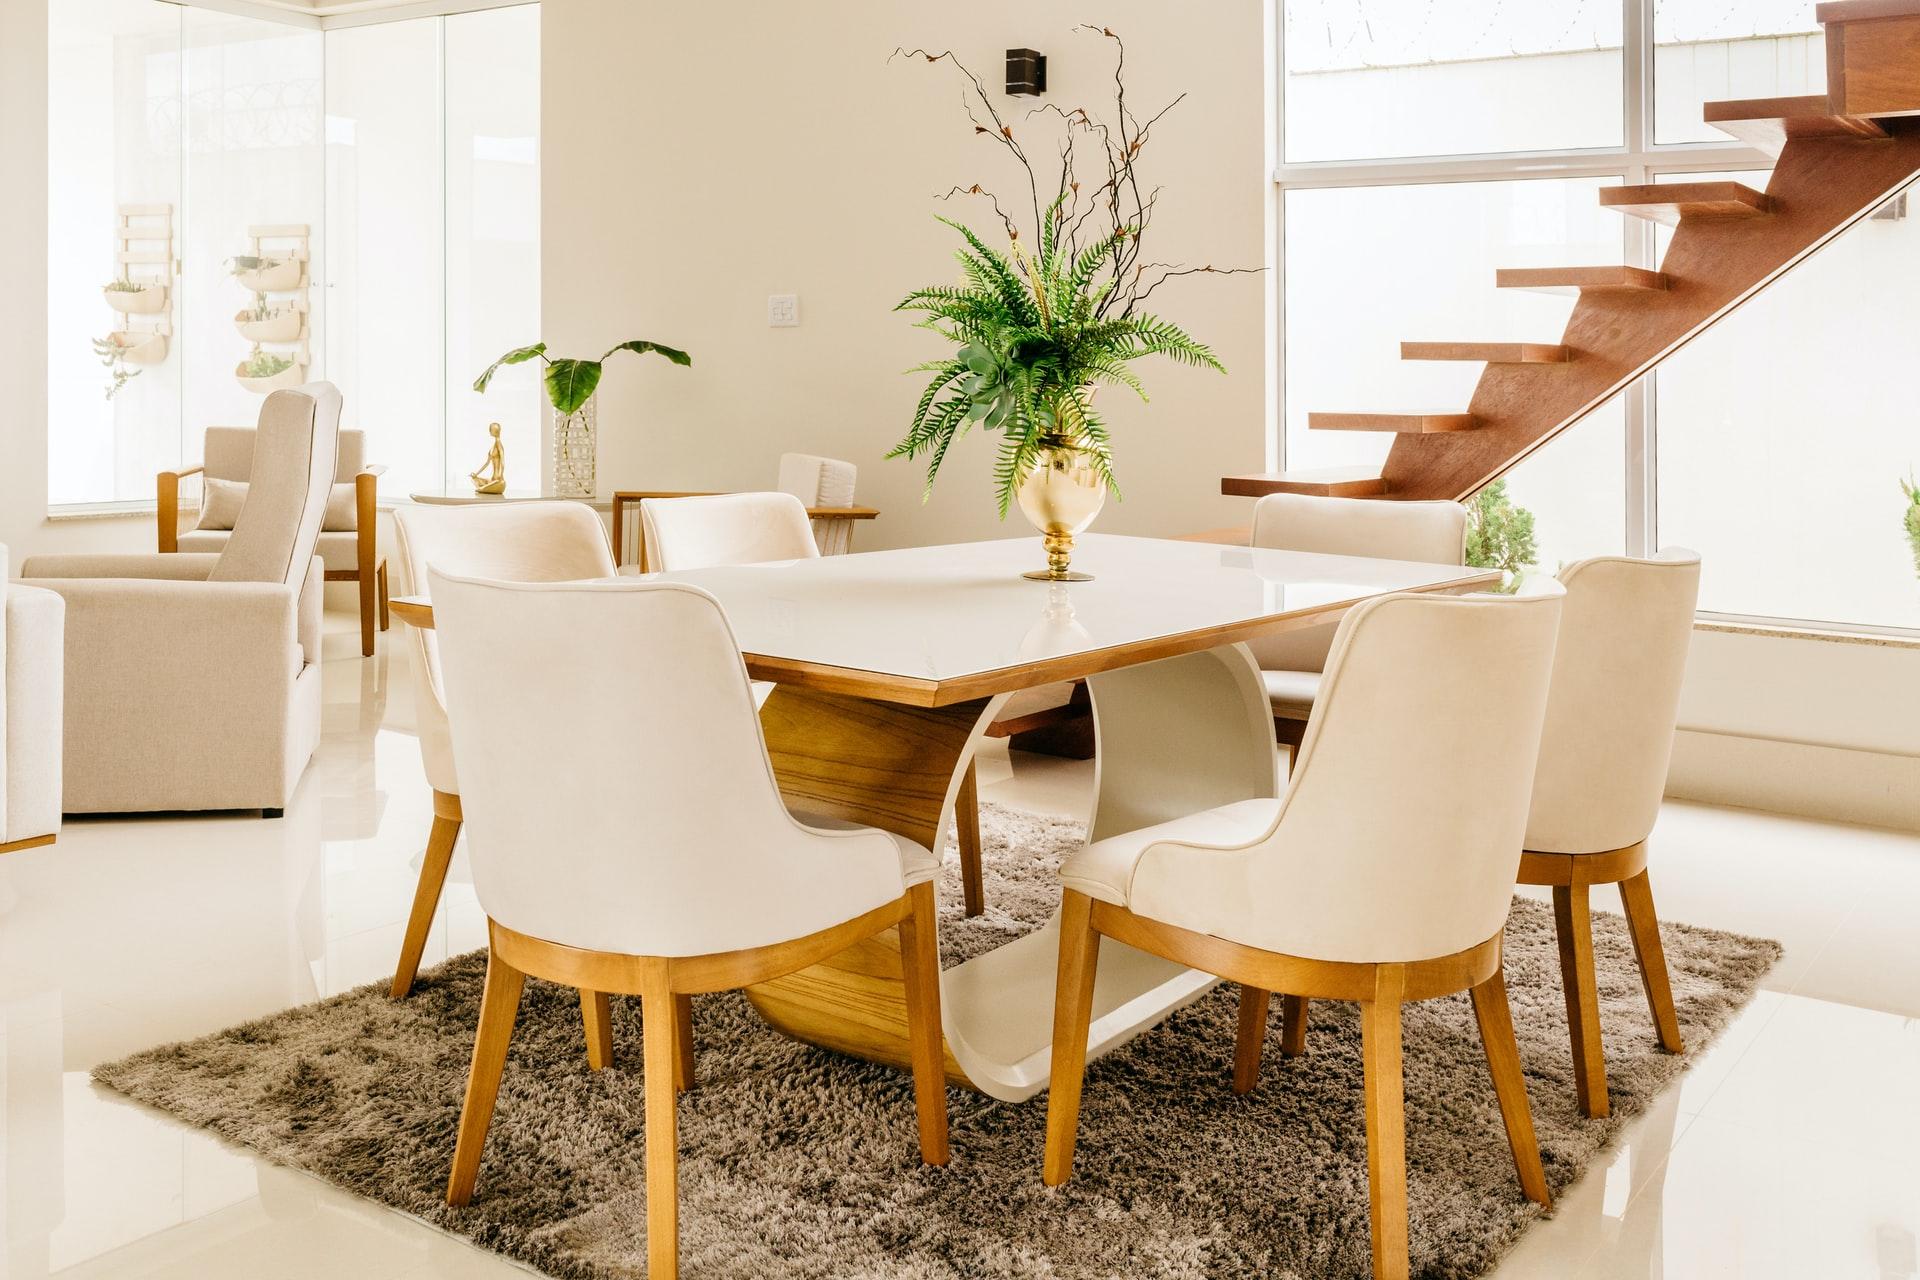 Na foto uma mesa de jantar de madeira com tampo de vidro com uma escada ao fundo.